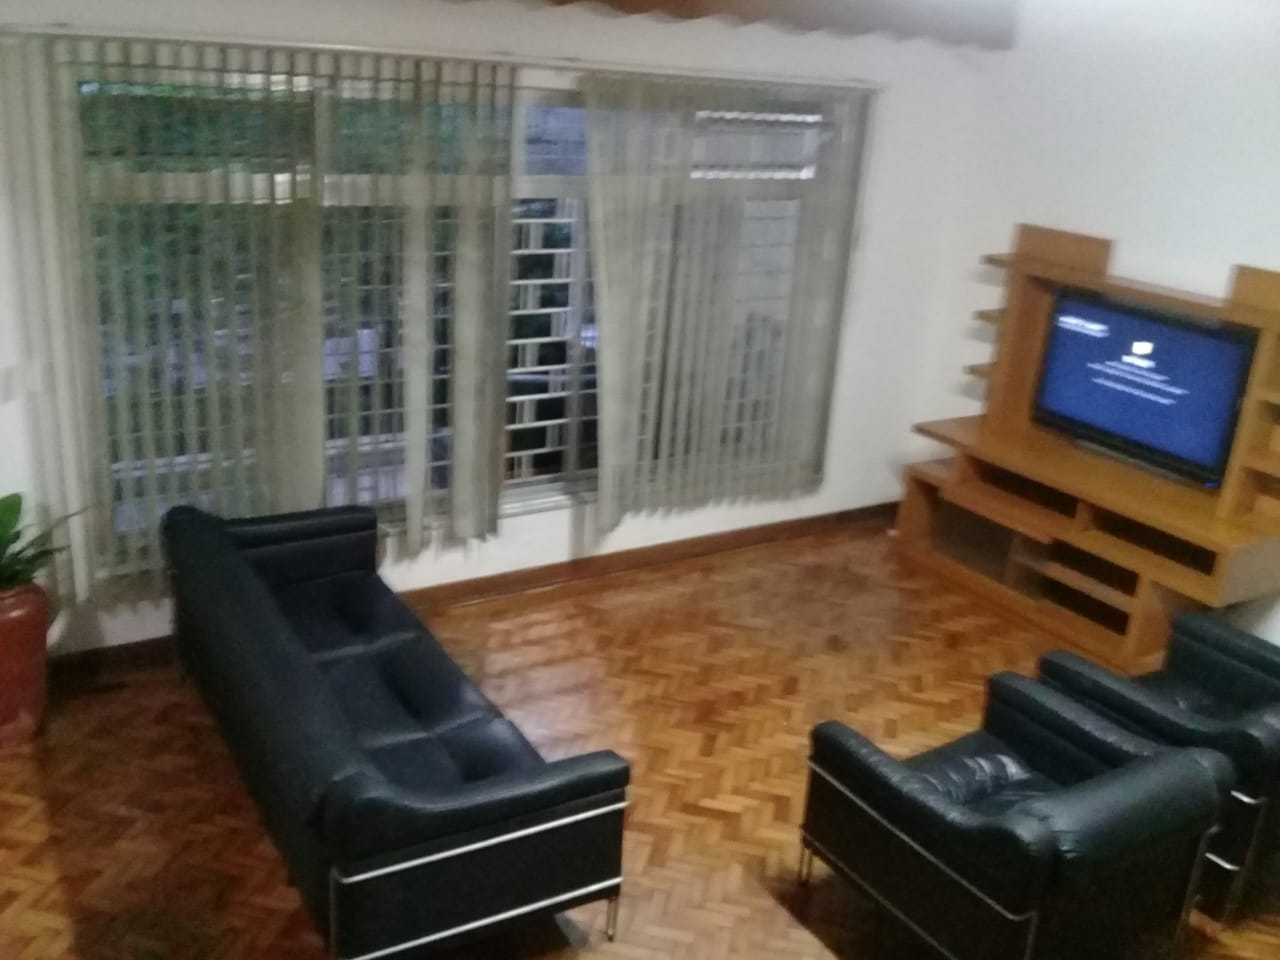 Hospedaria próximo ao metro Sacomã